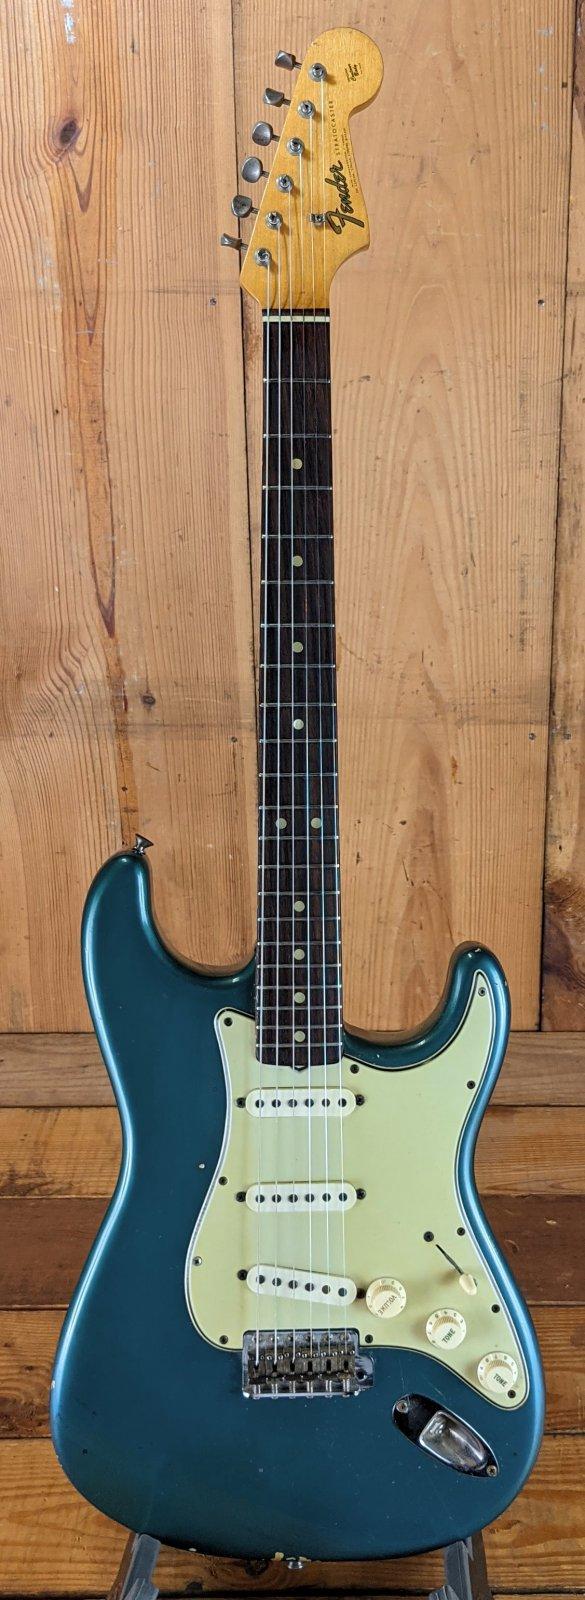 1965 Fender Stratocaster - Lake Placid Blue!